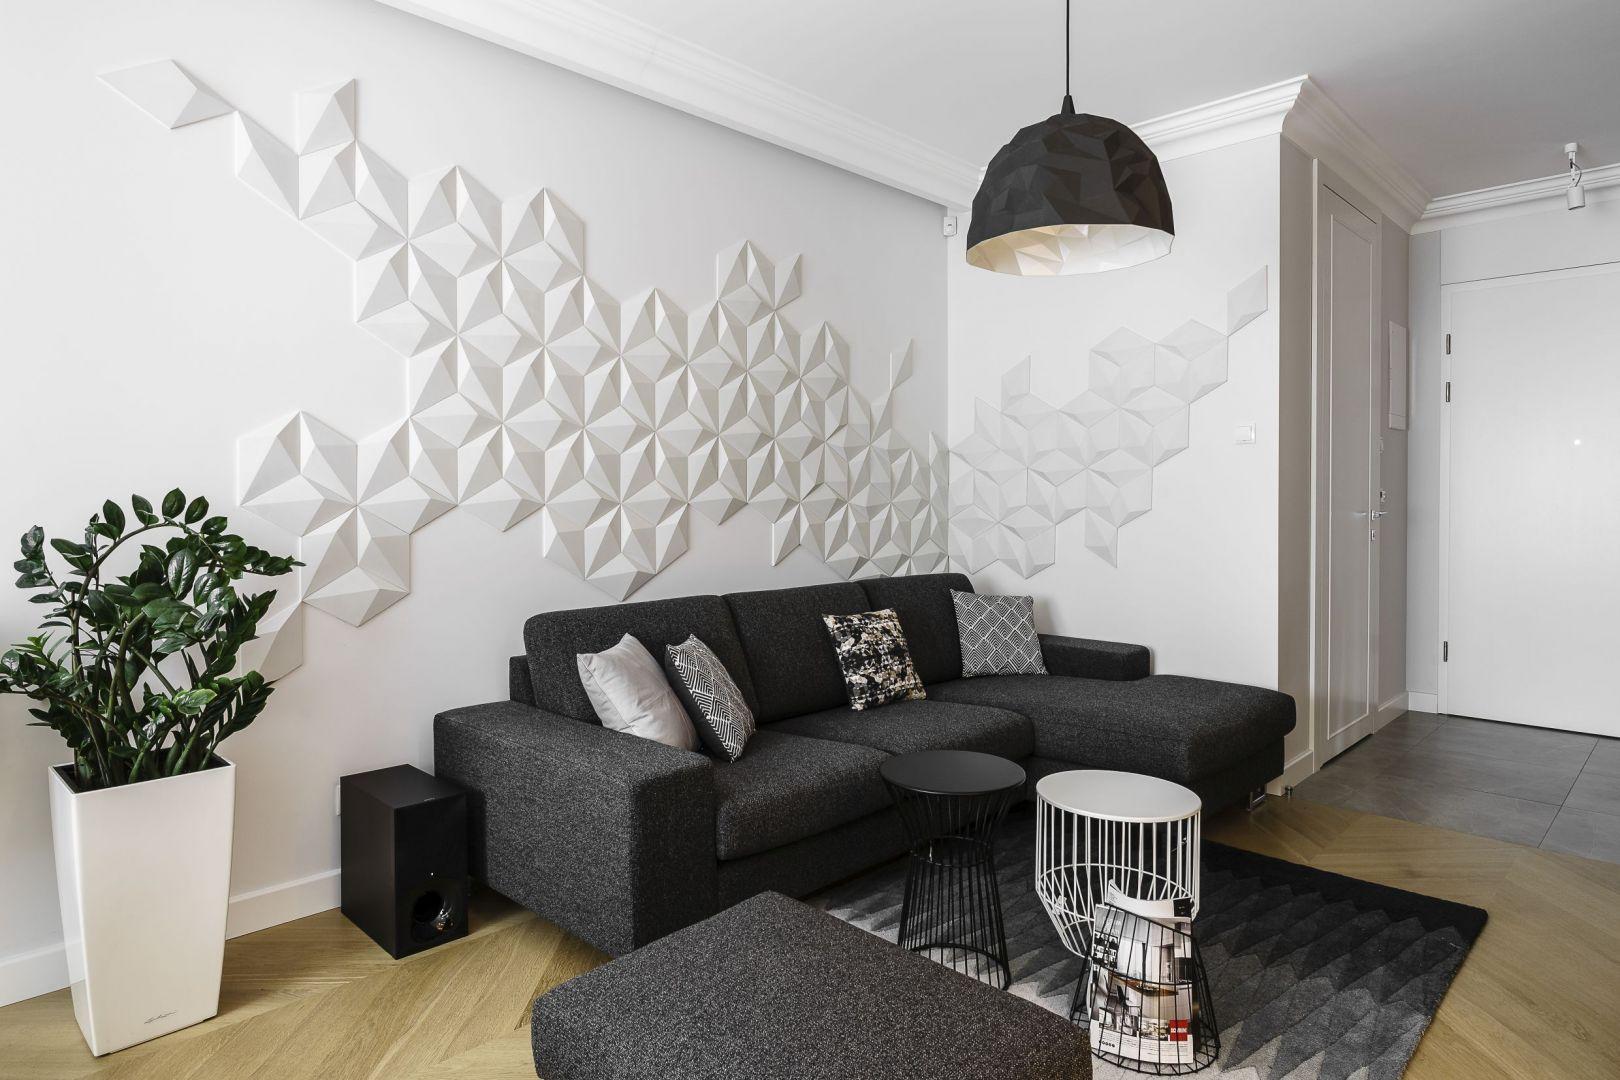 Białą ścianę za kanapą zdobią prefabrykowane płytki z betonu architektonicznego 3D. Tworzą bardzo ciekawą kompozycję na ścianie. Projekt: Anna Maria Sokołowska. Fot. Fotomohito